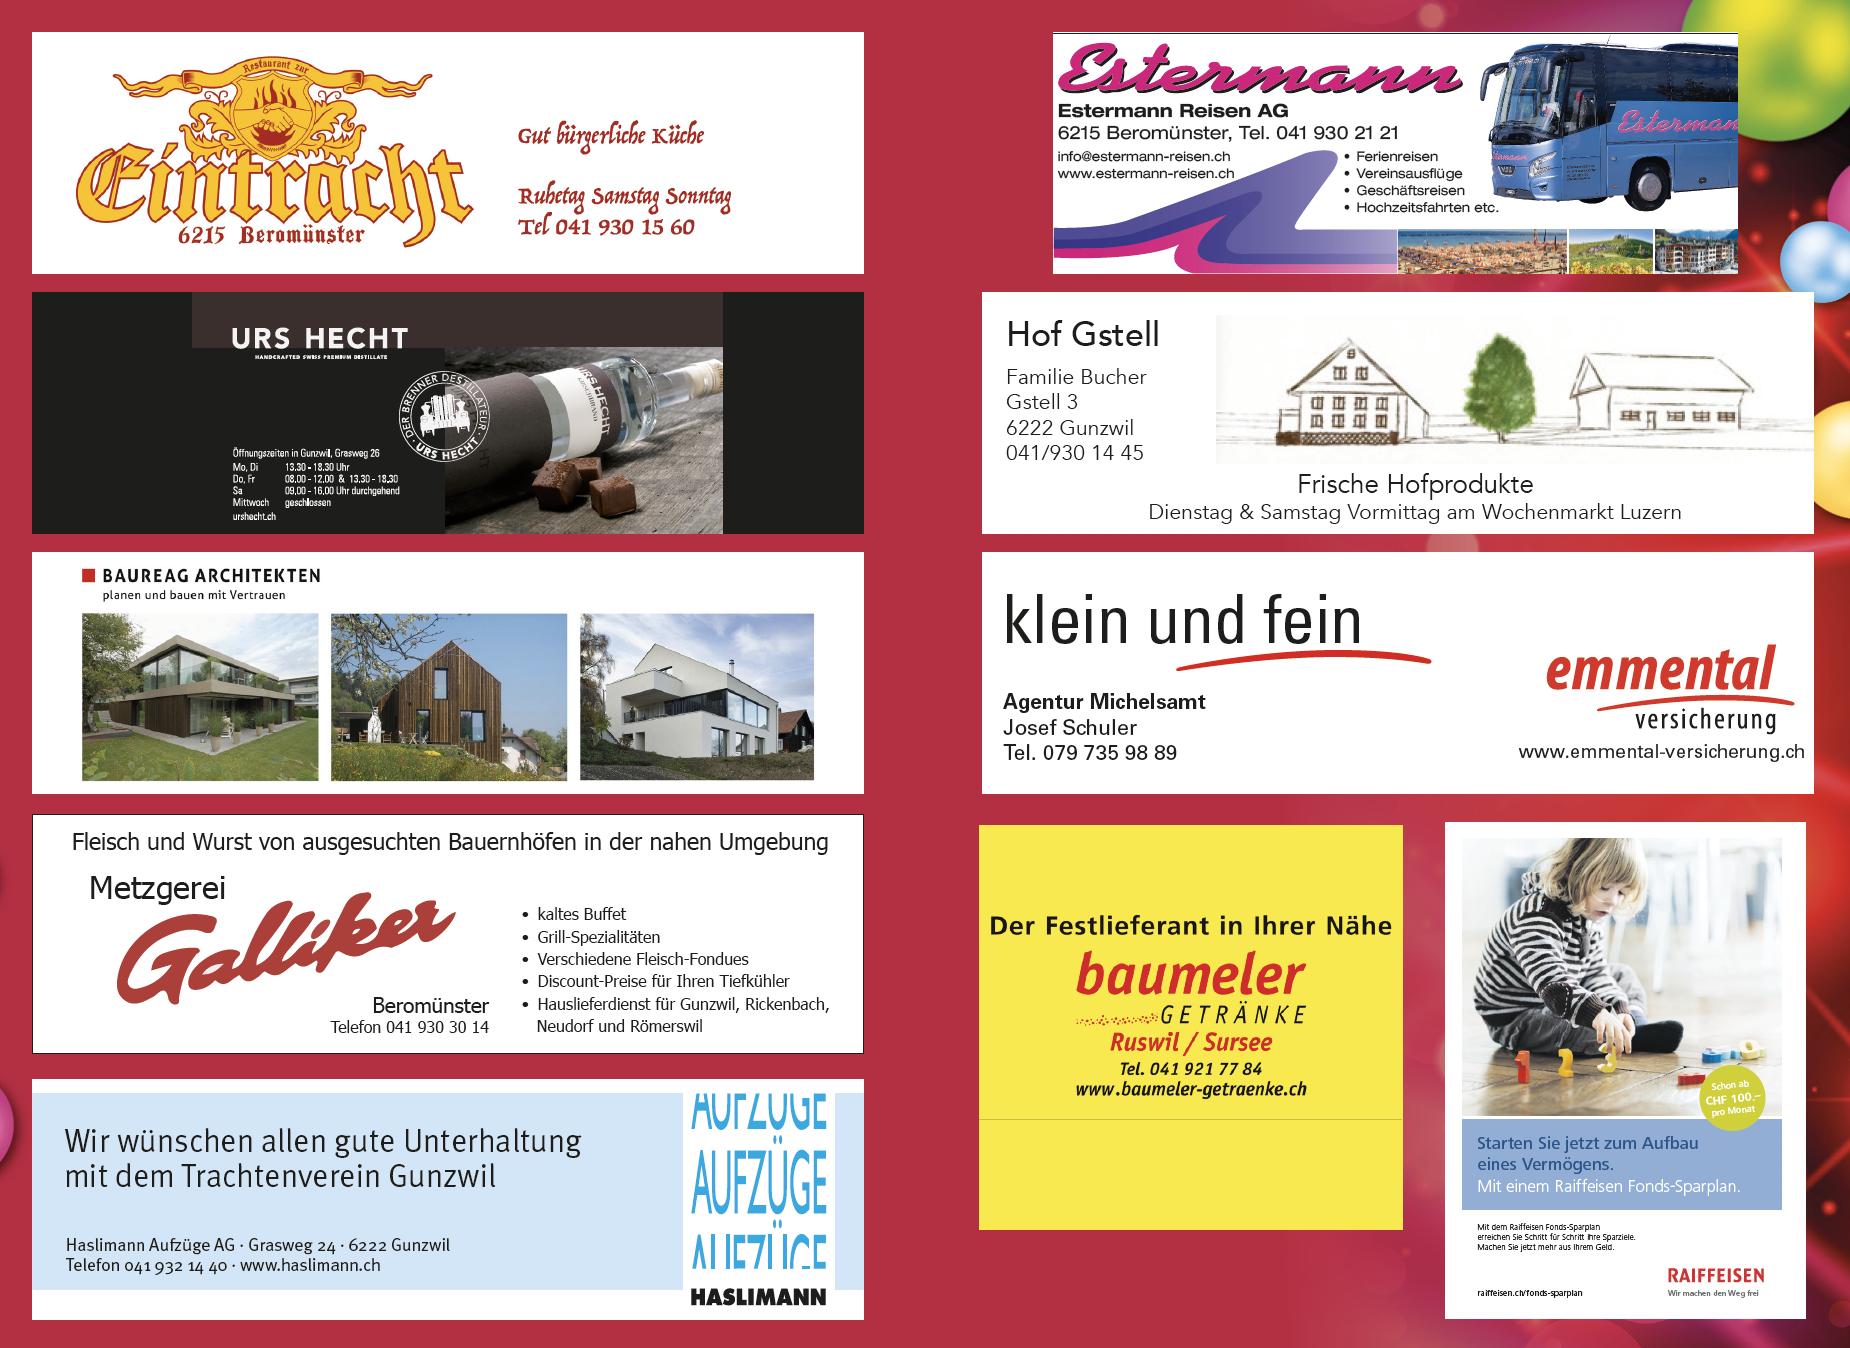 Sponsoren Heimatabend Gunzwil-2018